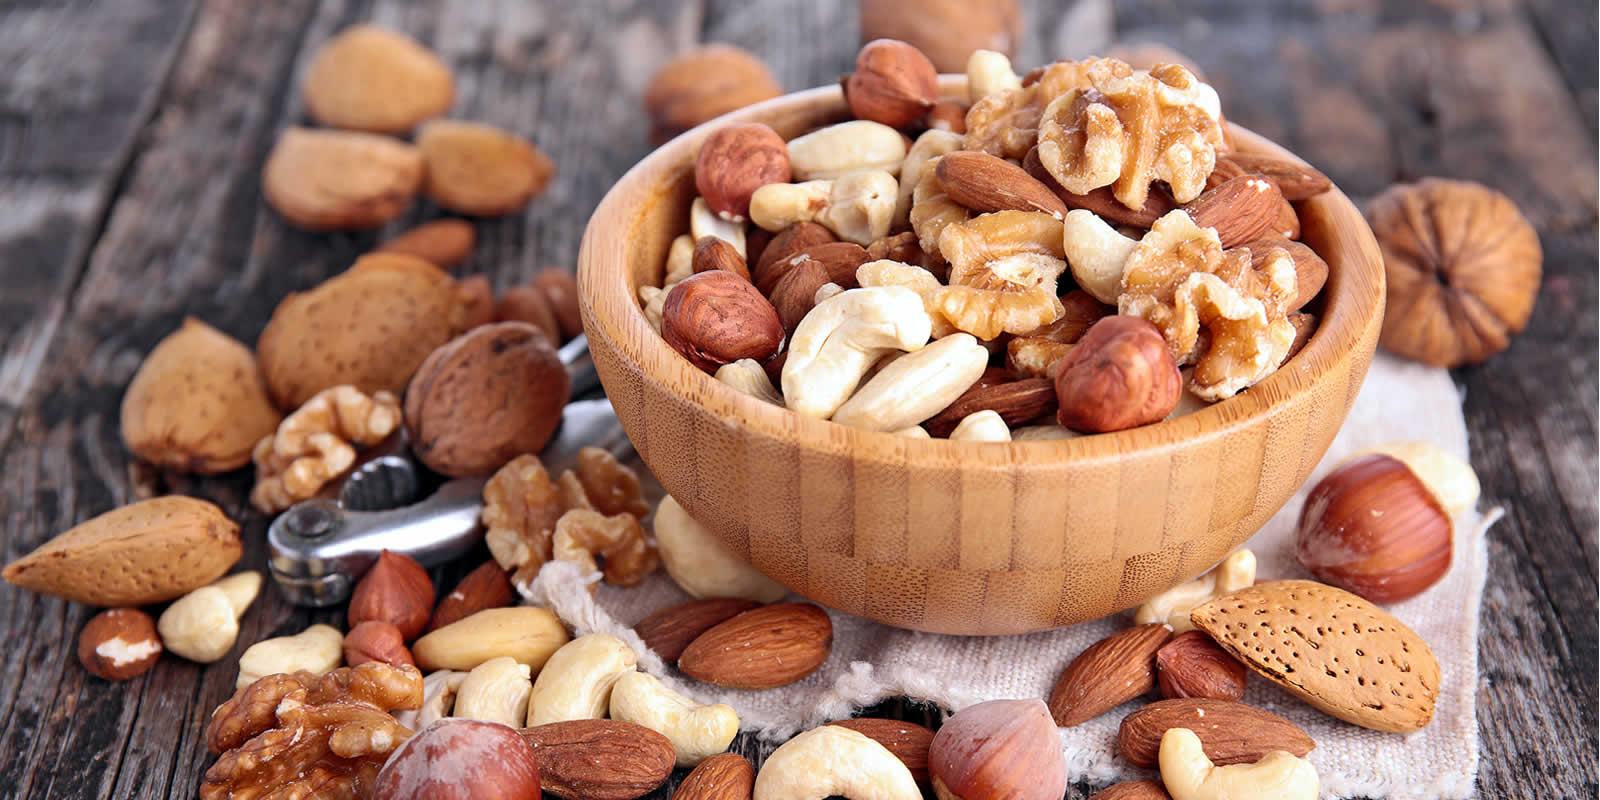 Nüsse erhöhen Fruchtbarkeit bei Männern